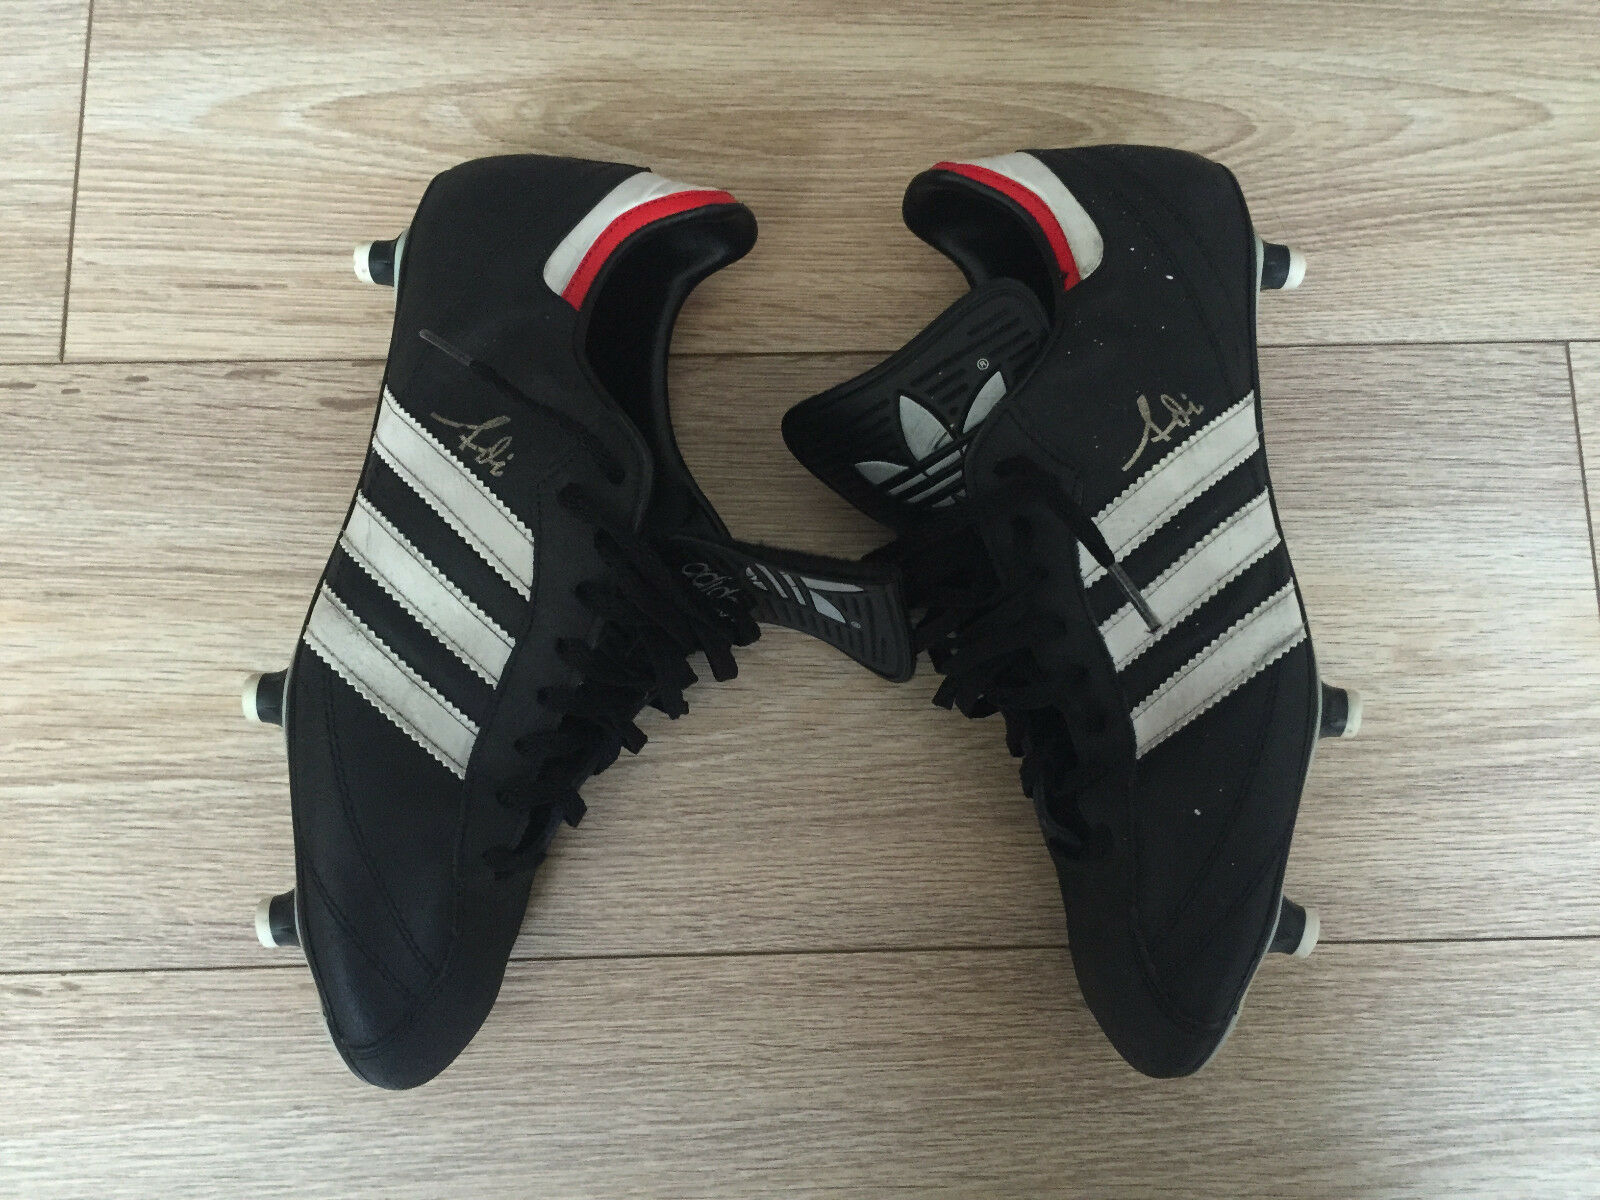 Adidas botas De Fútbol Soccer Hecho en Alemania occidental autógrafo Raro